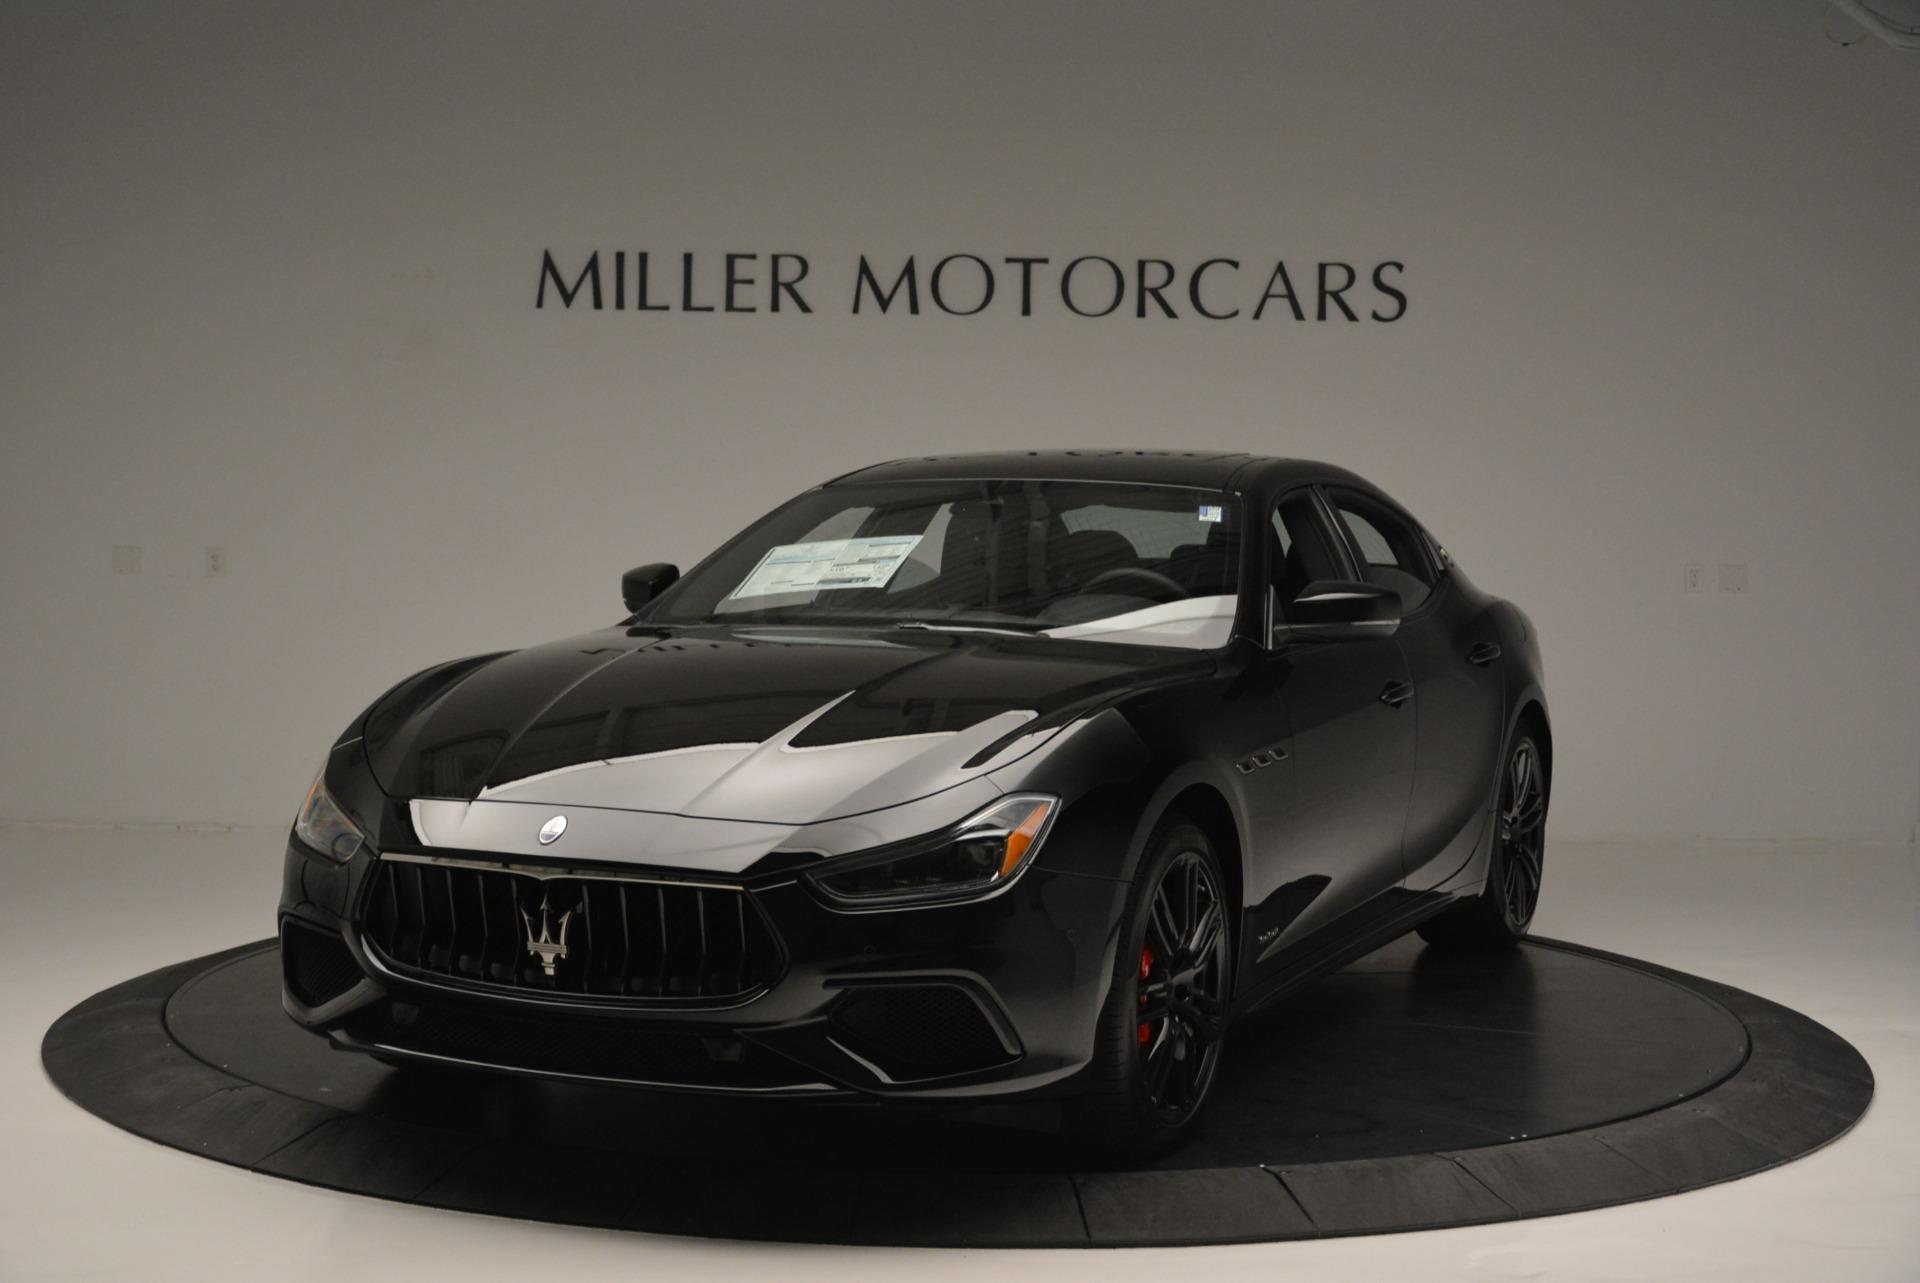 New 2018 Maserati Ghibli SQ4 GranSport Nerissimo For Sale In Greenwich, CT. Alfa Romeo of Greenwich, M2173 2368_main